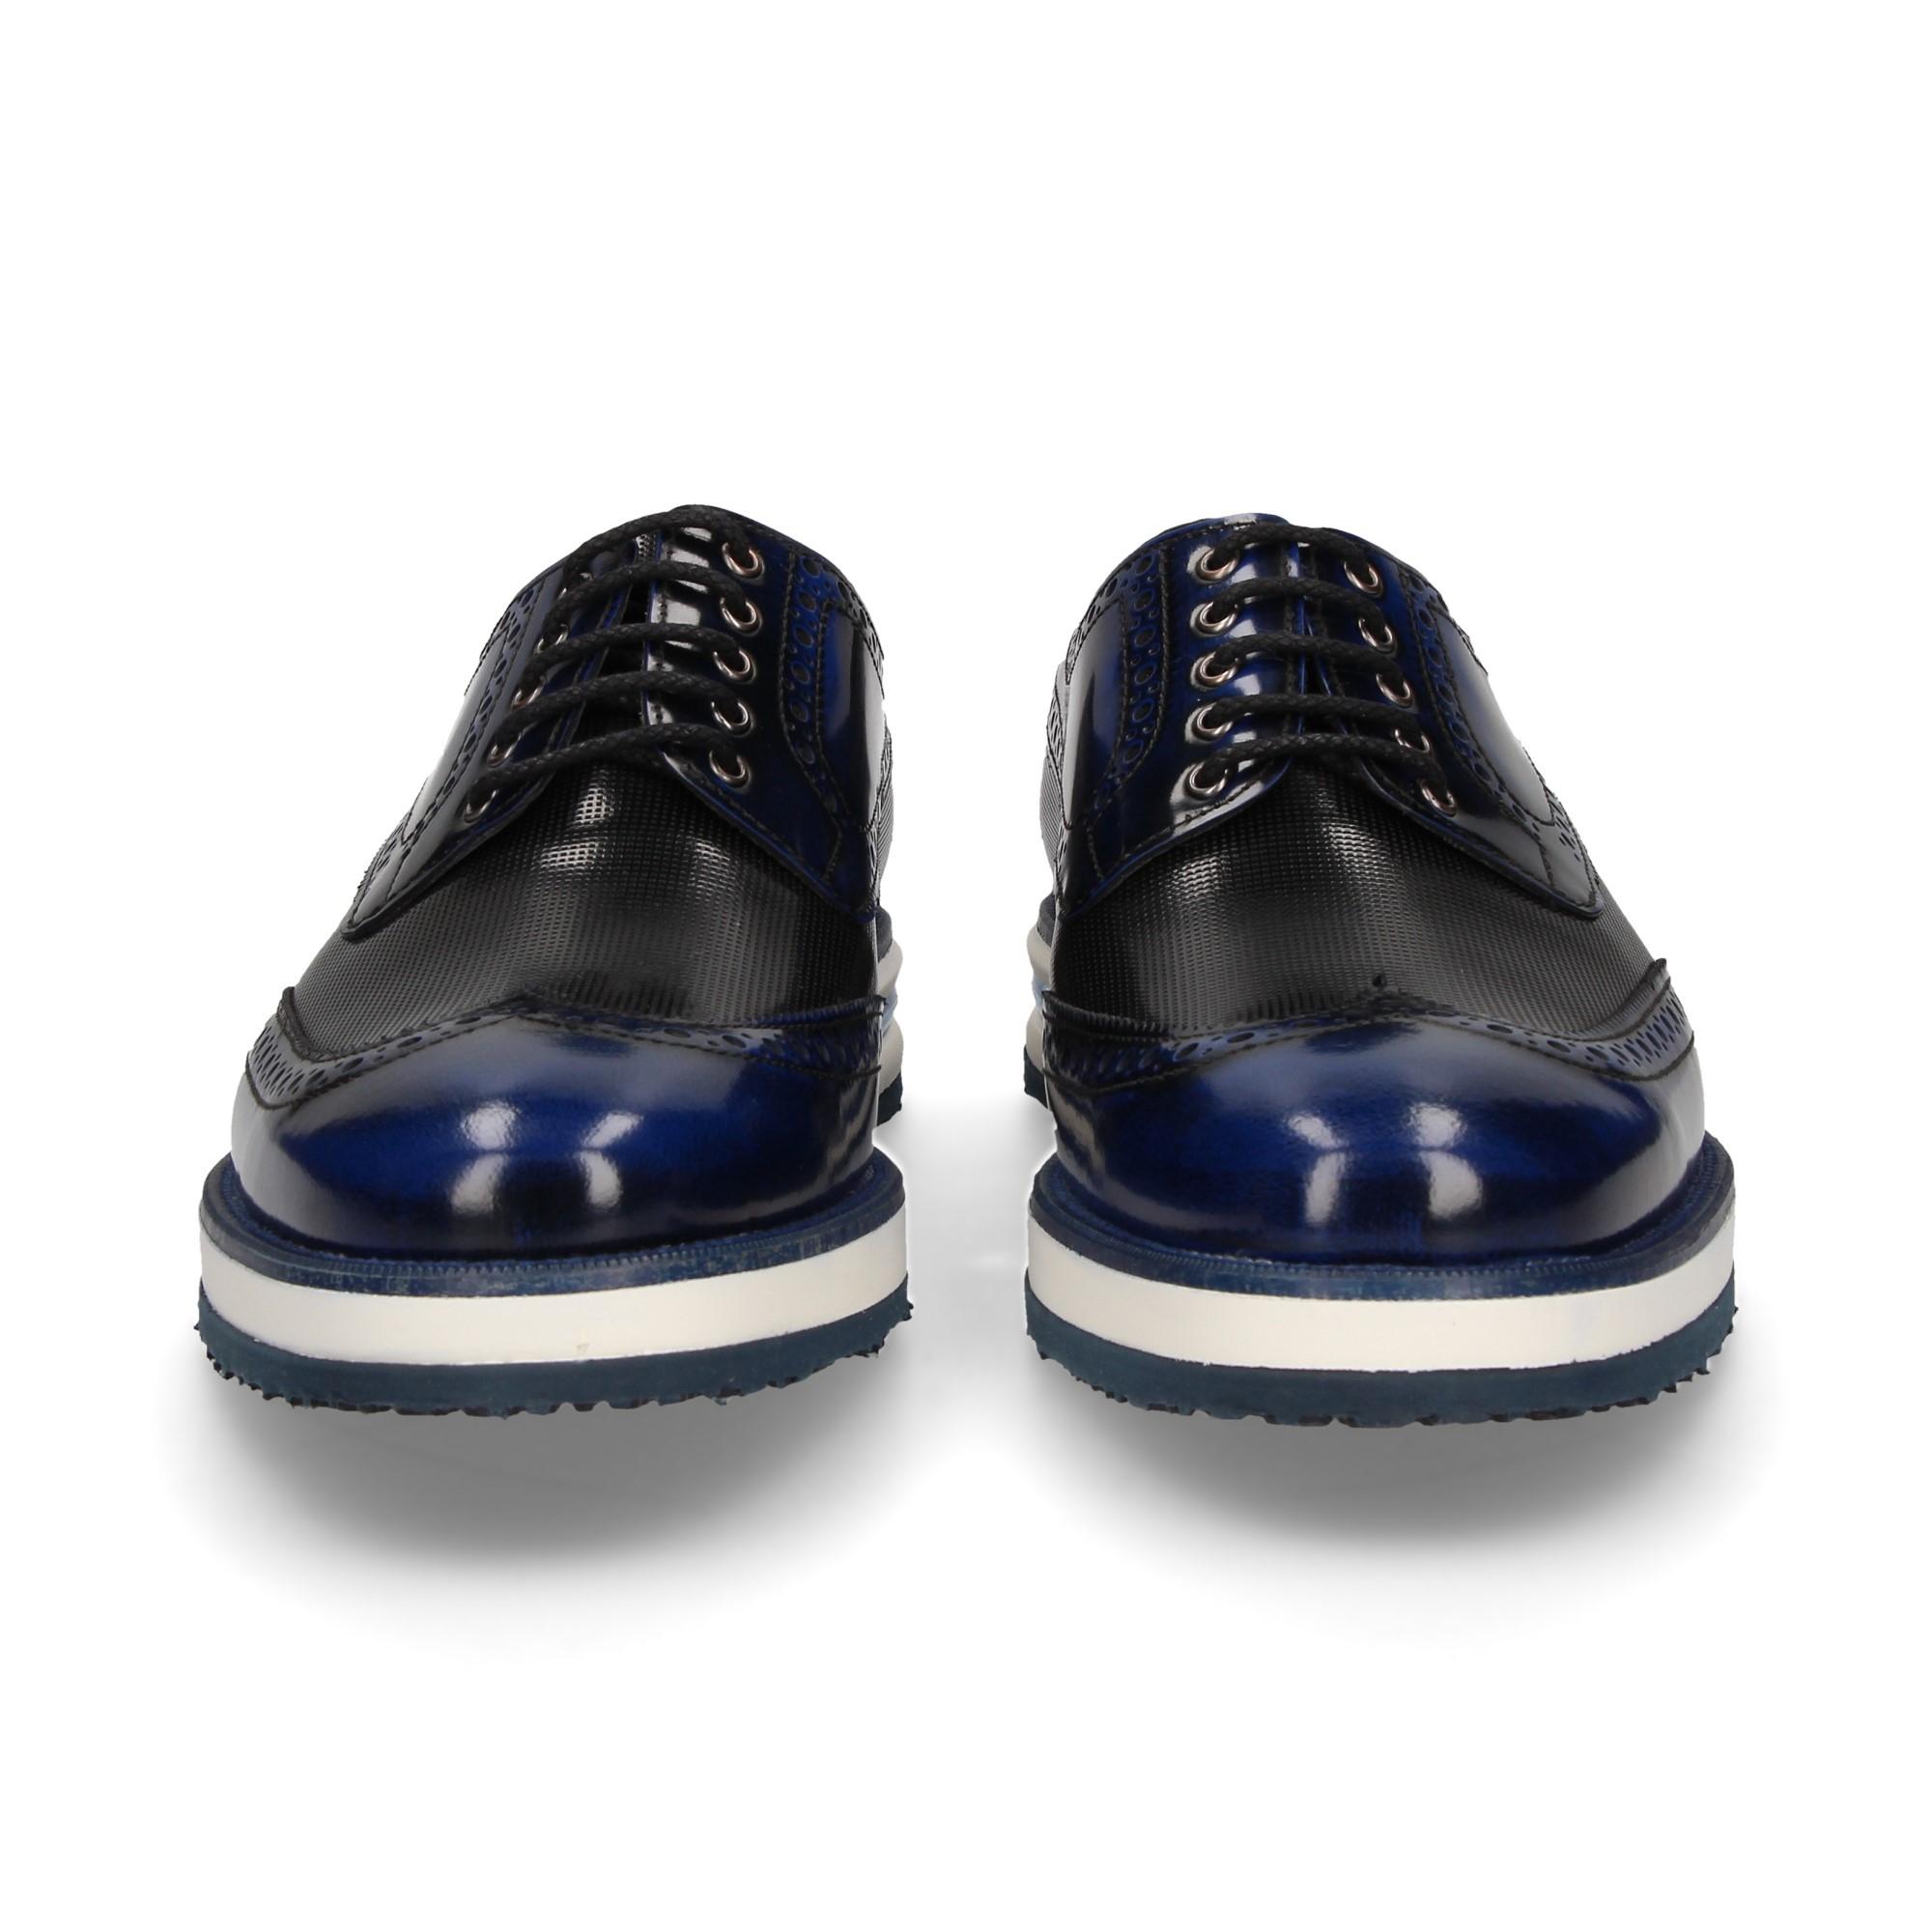 blucher-picado-florentic-negro-azul